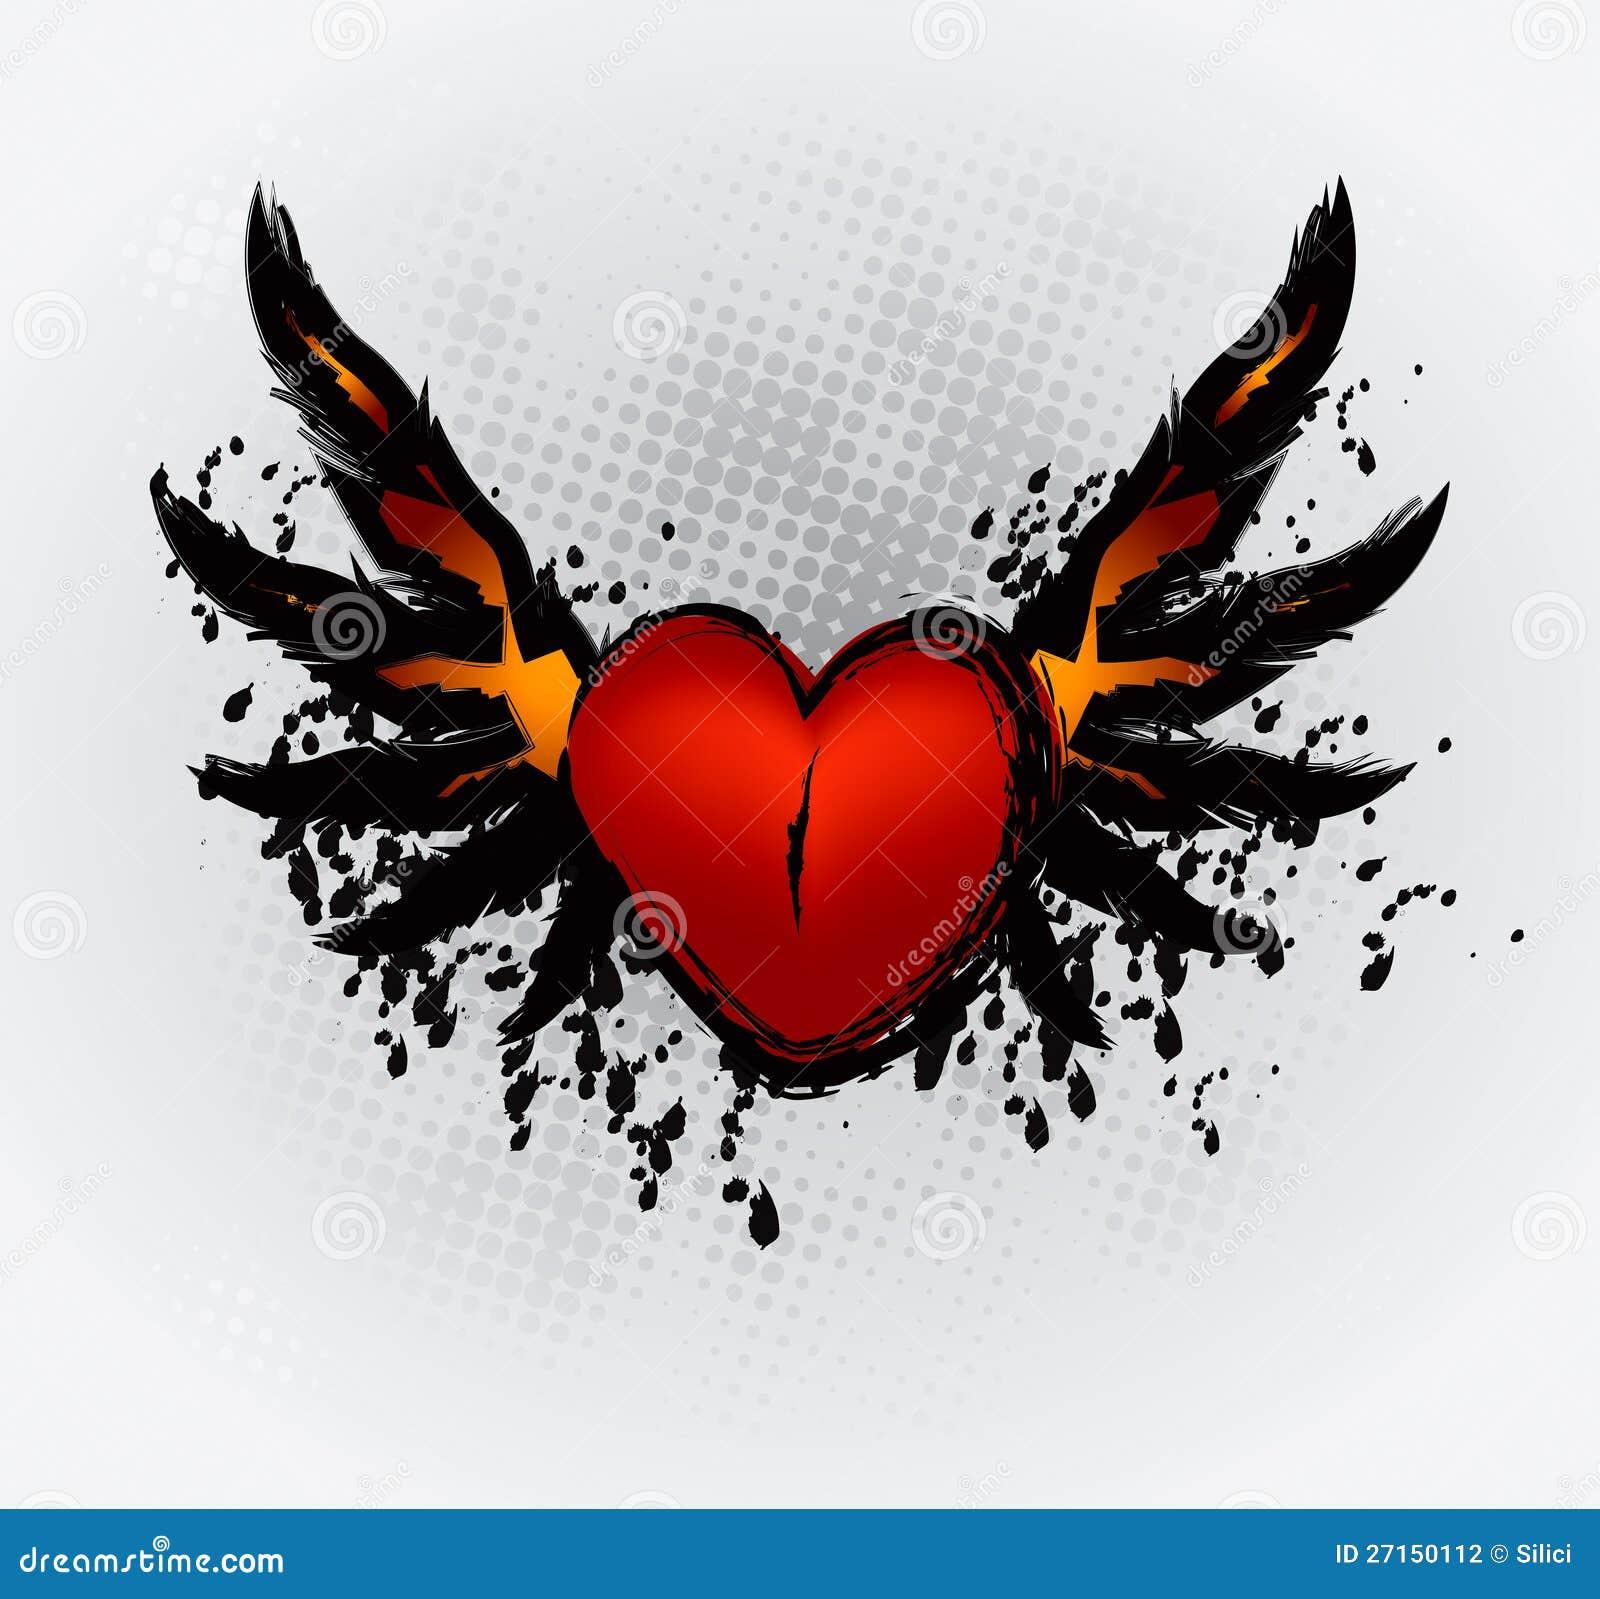 Dibujos de corazones con alas - Fotos graciosas gratis de